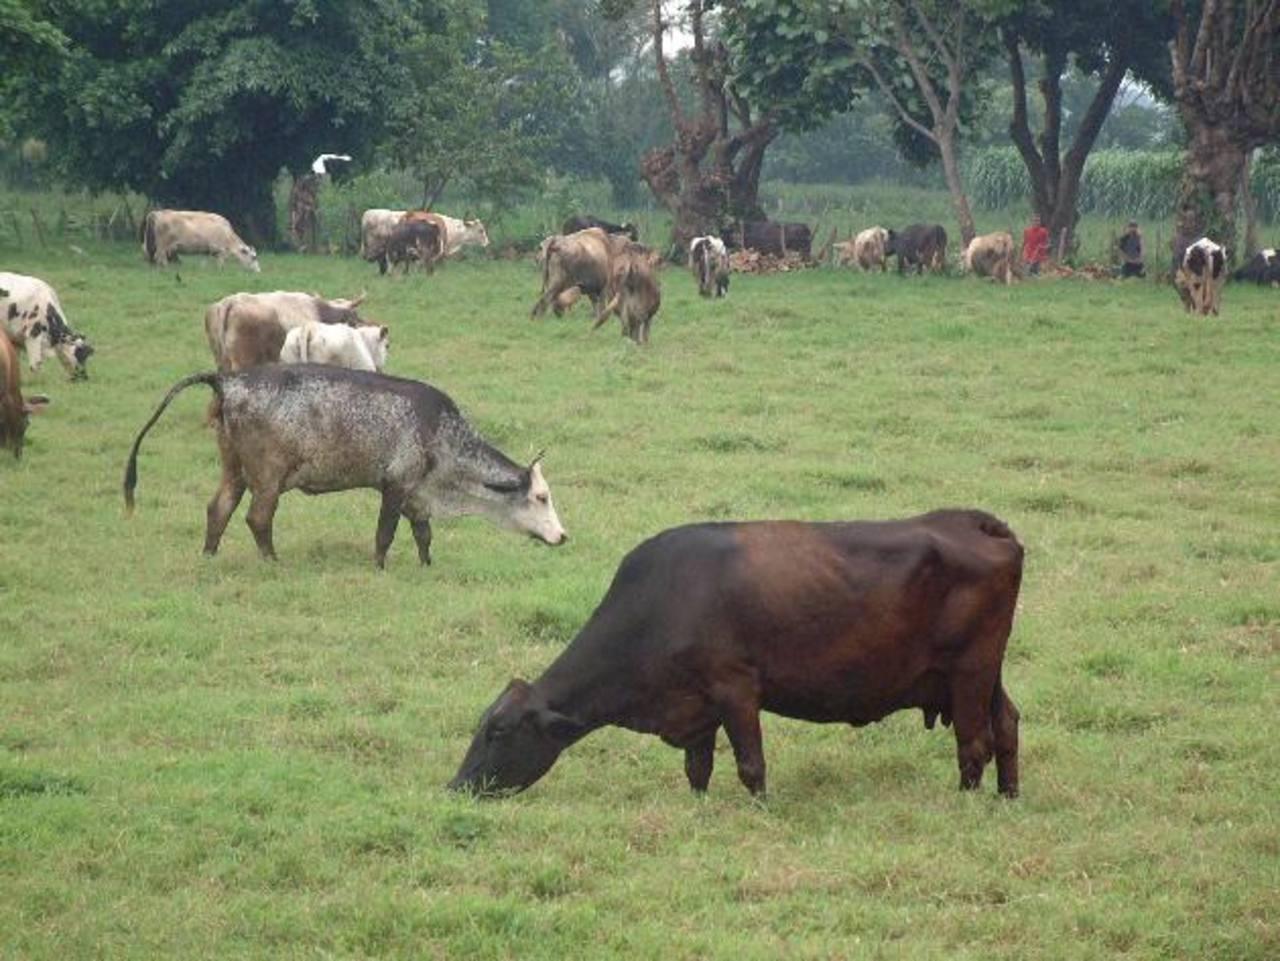 La falta de pasto en los campos impactó en la producción lechera, lo que incrementó costos. foto edh /archivo